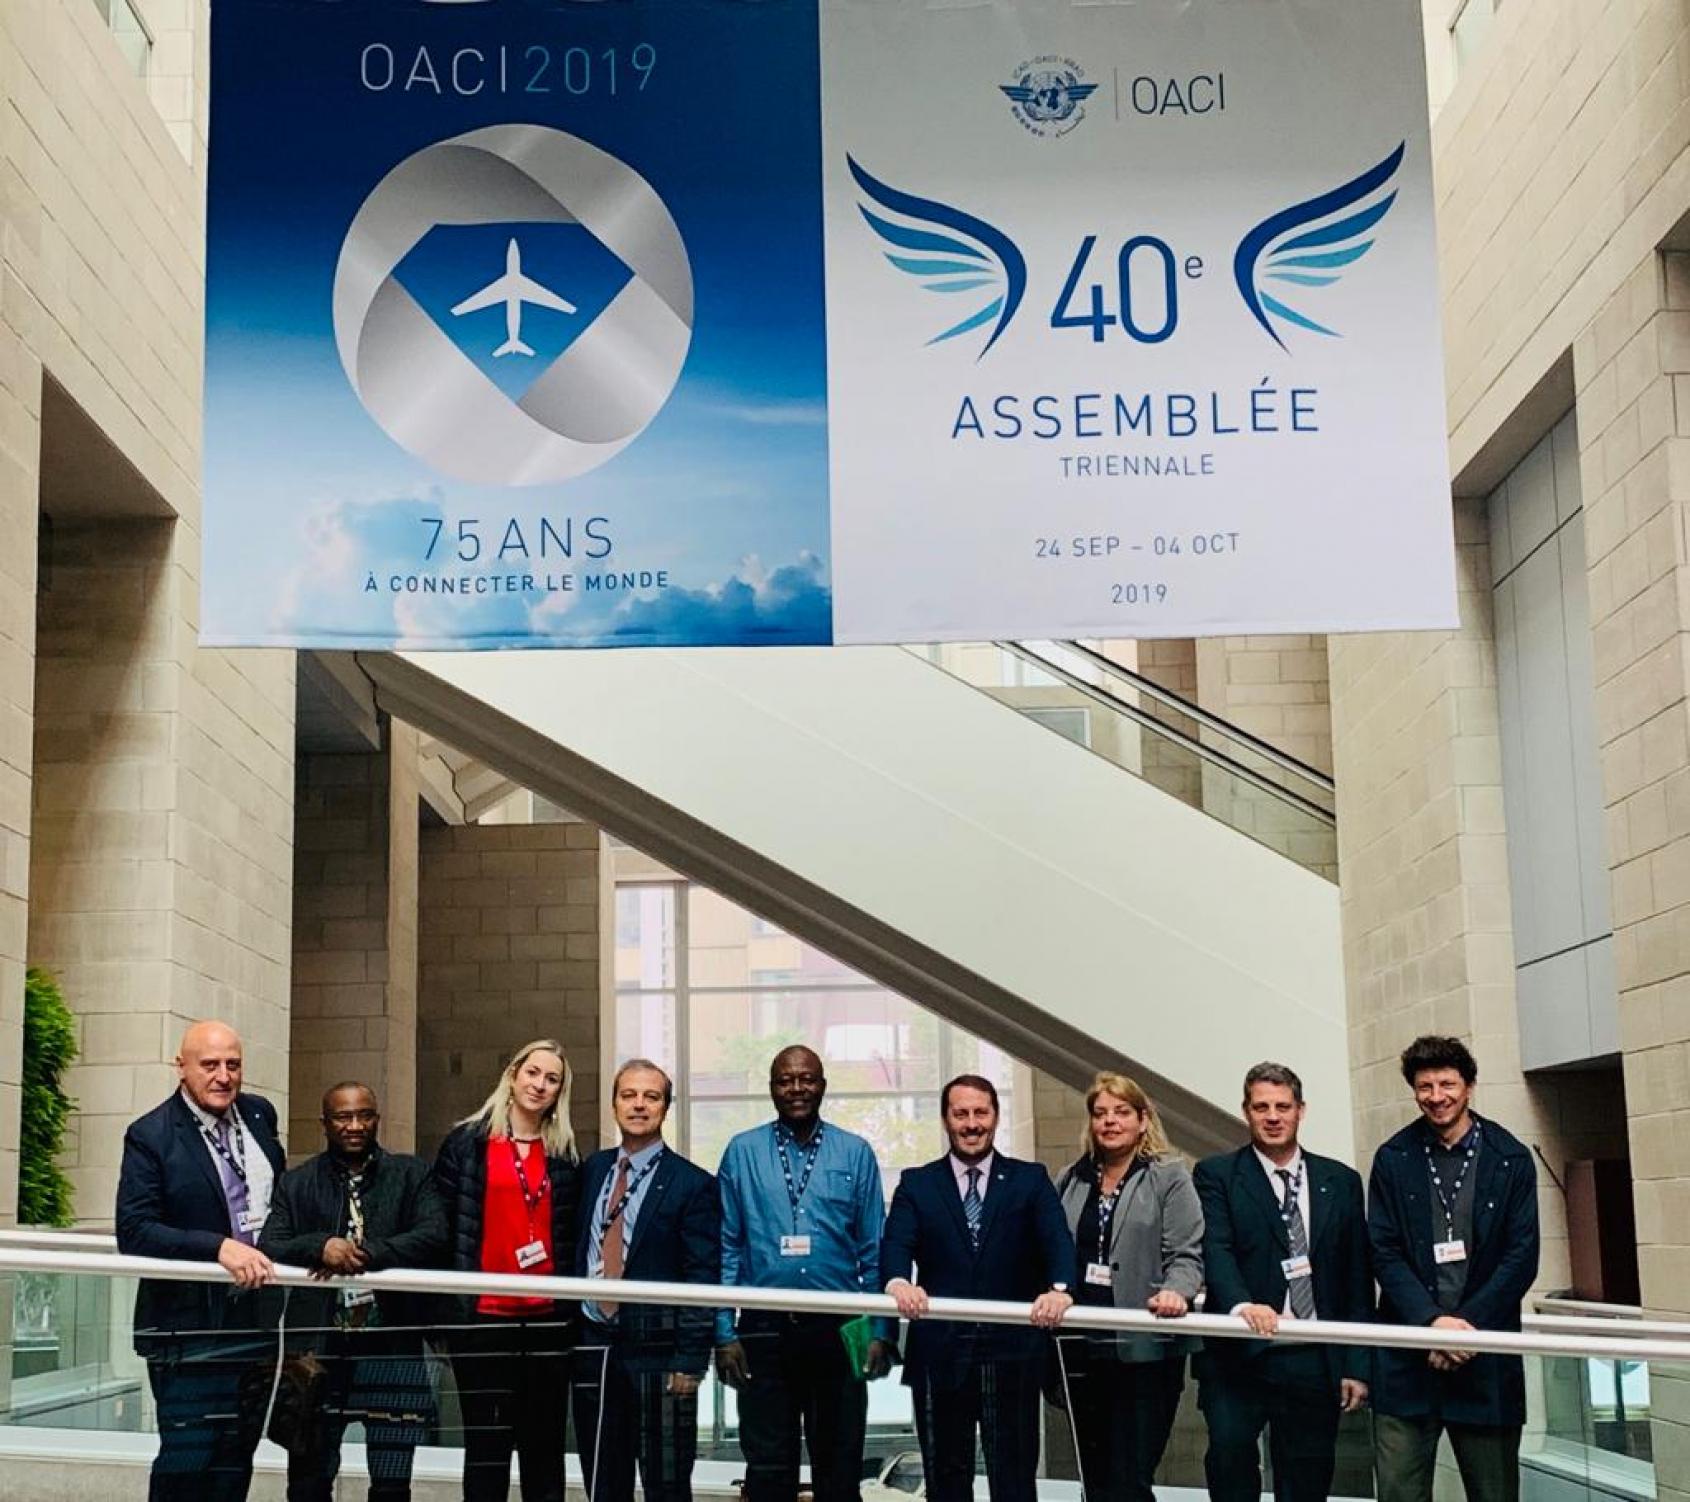 Éxito de la ITF en la cumbre de la OACI